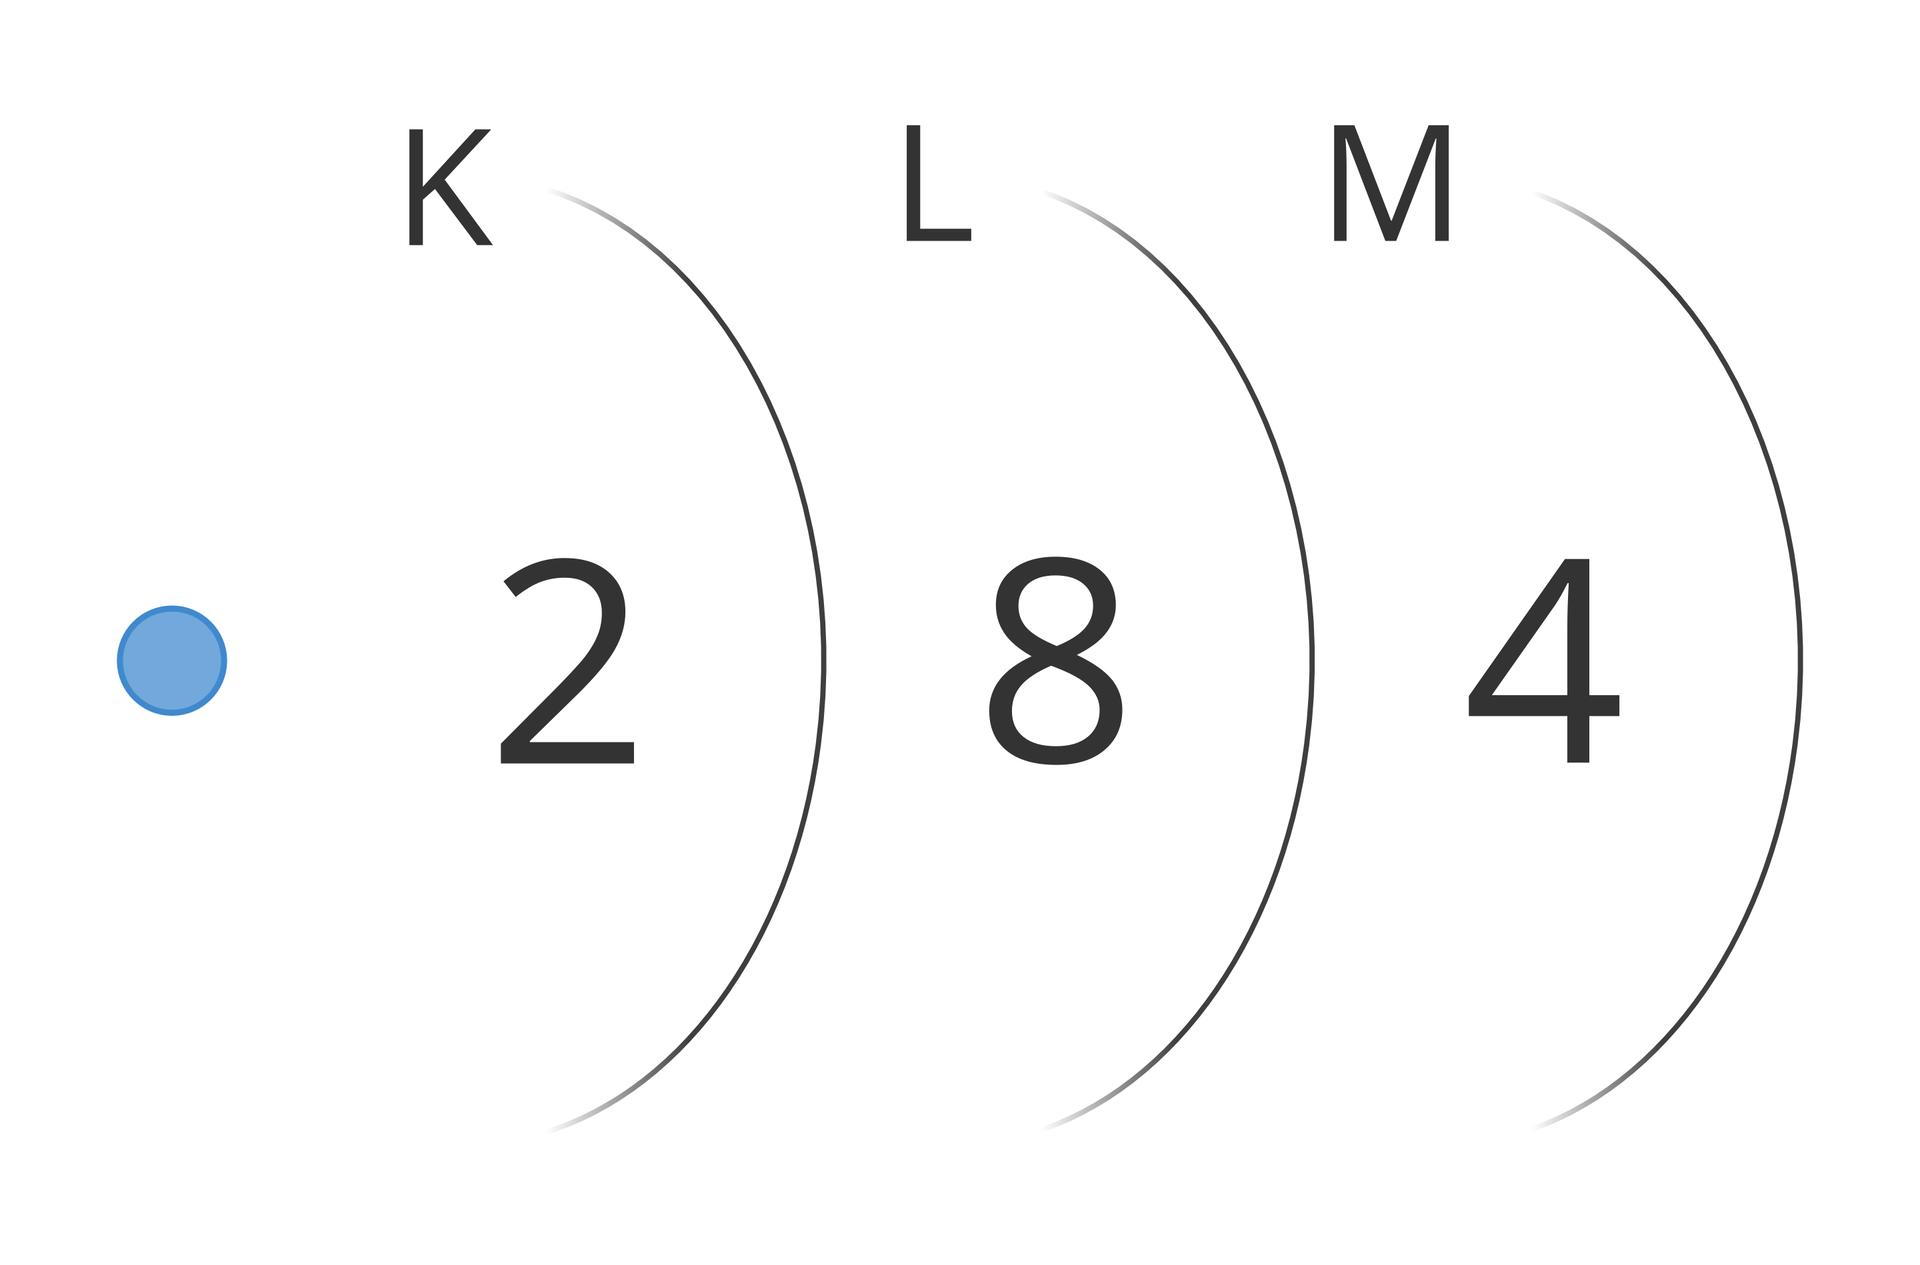 Ilustracja przedstawiająca schemat rozmieszczenia elektronów watomie krzemu. Po lewej stronie narysowane jest jądro wpostaci niebieskiego małego koła. Po prawej za pomocą linii stanowiących wycinki większych okręgów zaznaczone są powłoki elektronowe oznaczone kolejno, licząc od jądra wprawo, literami K, LiM. Pod literą Kznajduje się liczba 2 oznaczająca liczbę elektronów na powłoce. Liczby pod literami LiMto kolejno 8 i4.